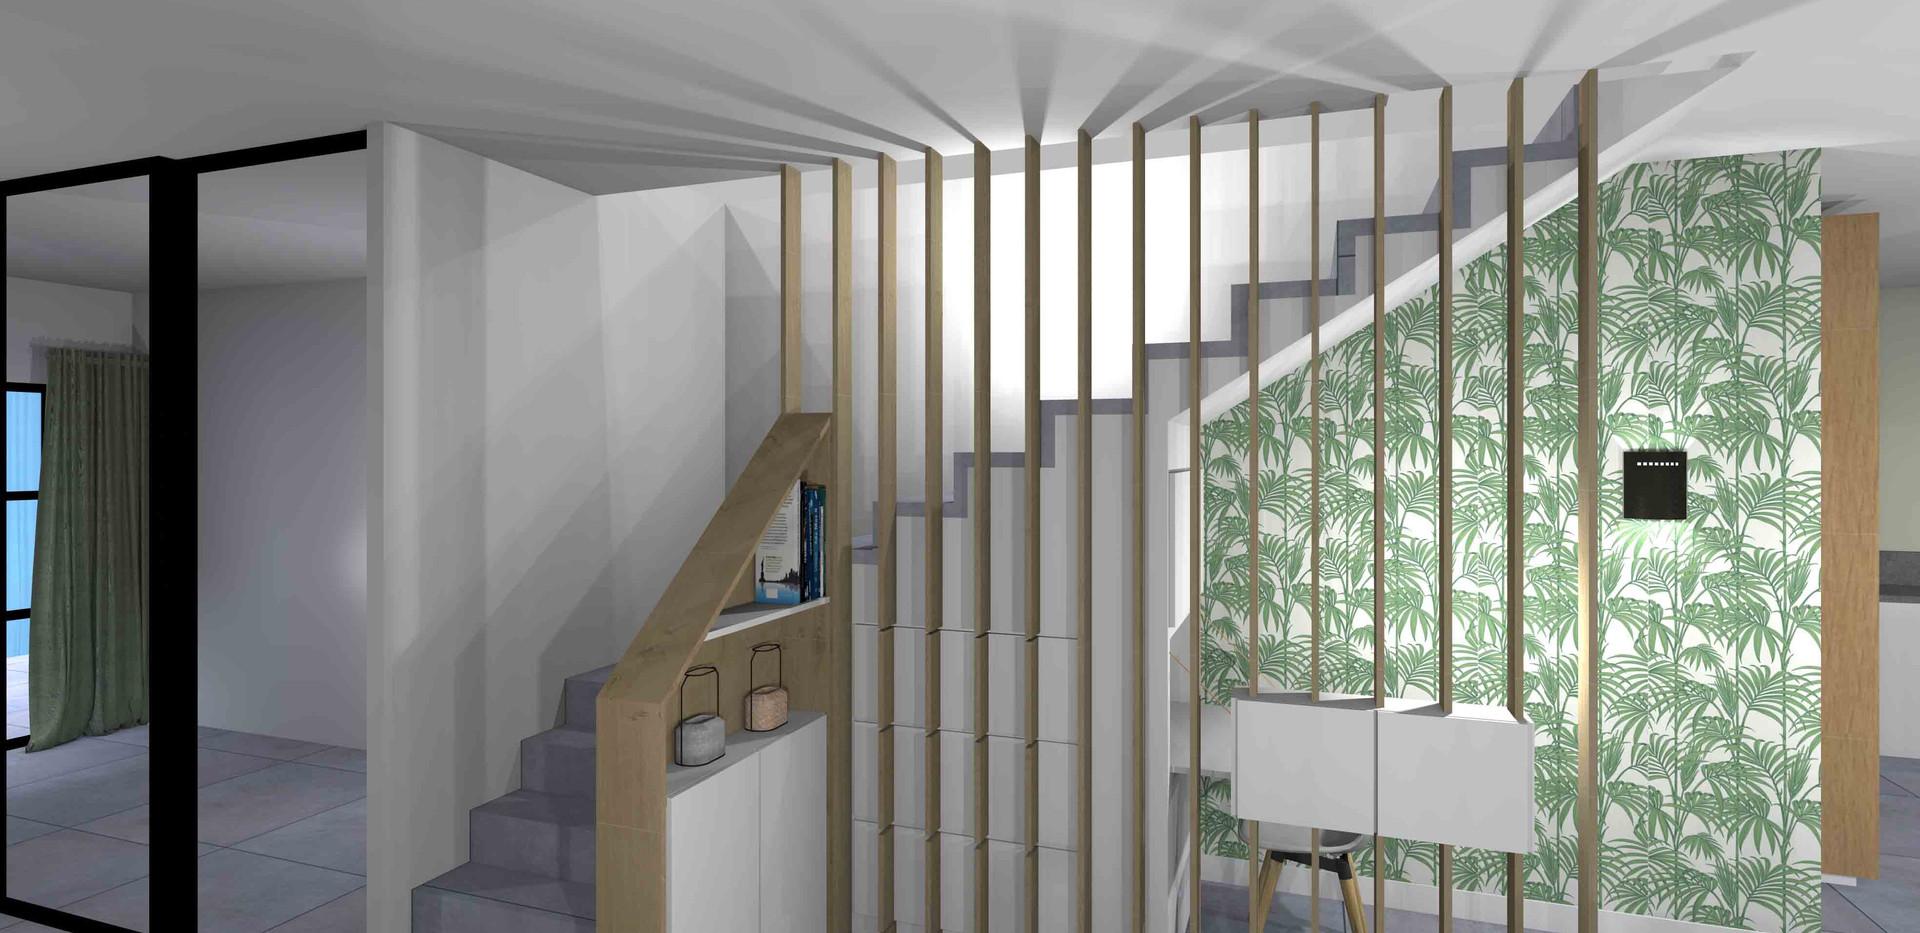 Aménagement menuiserie sur-mesure bois d'une maison individuelle à Lyon Monchat